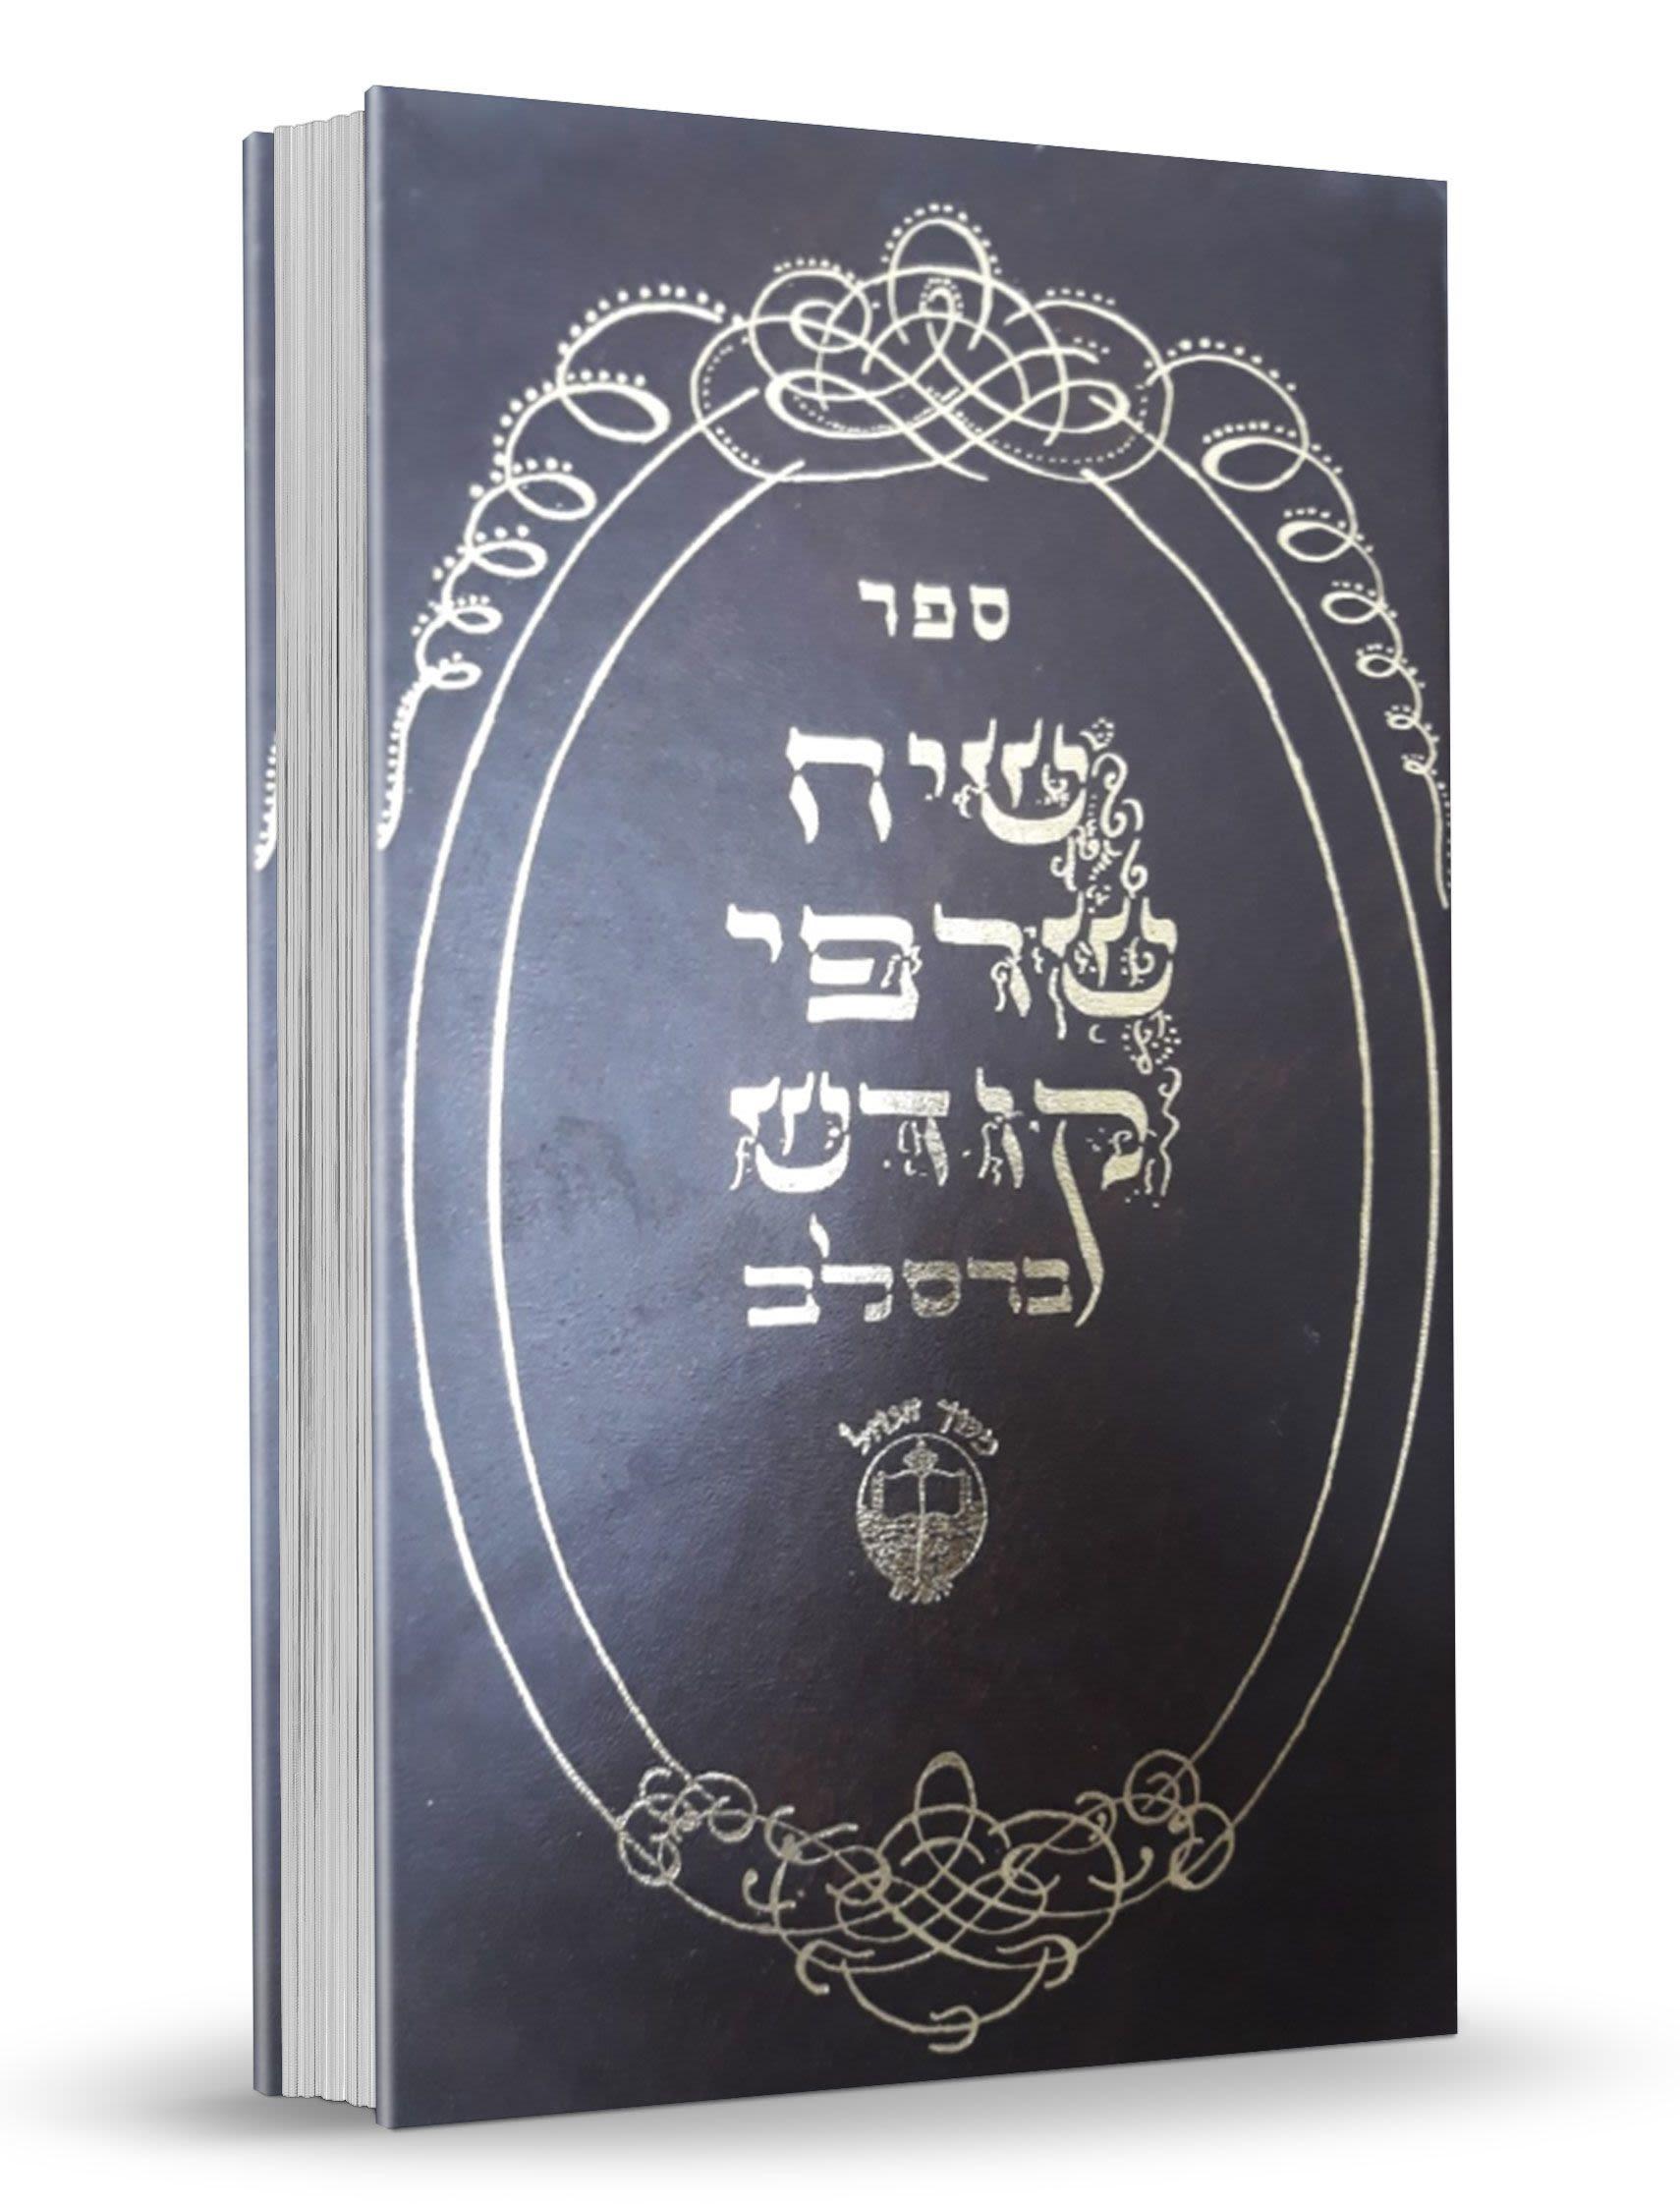 שיח שרפי קודש - ר' לוי יצחק בנדר, חלק ד'